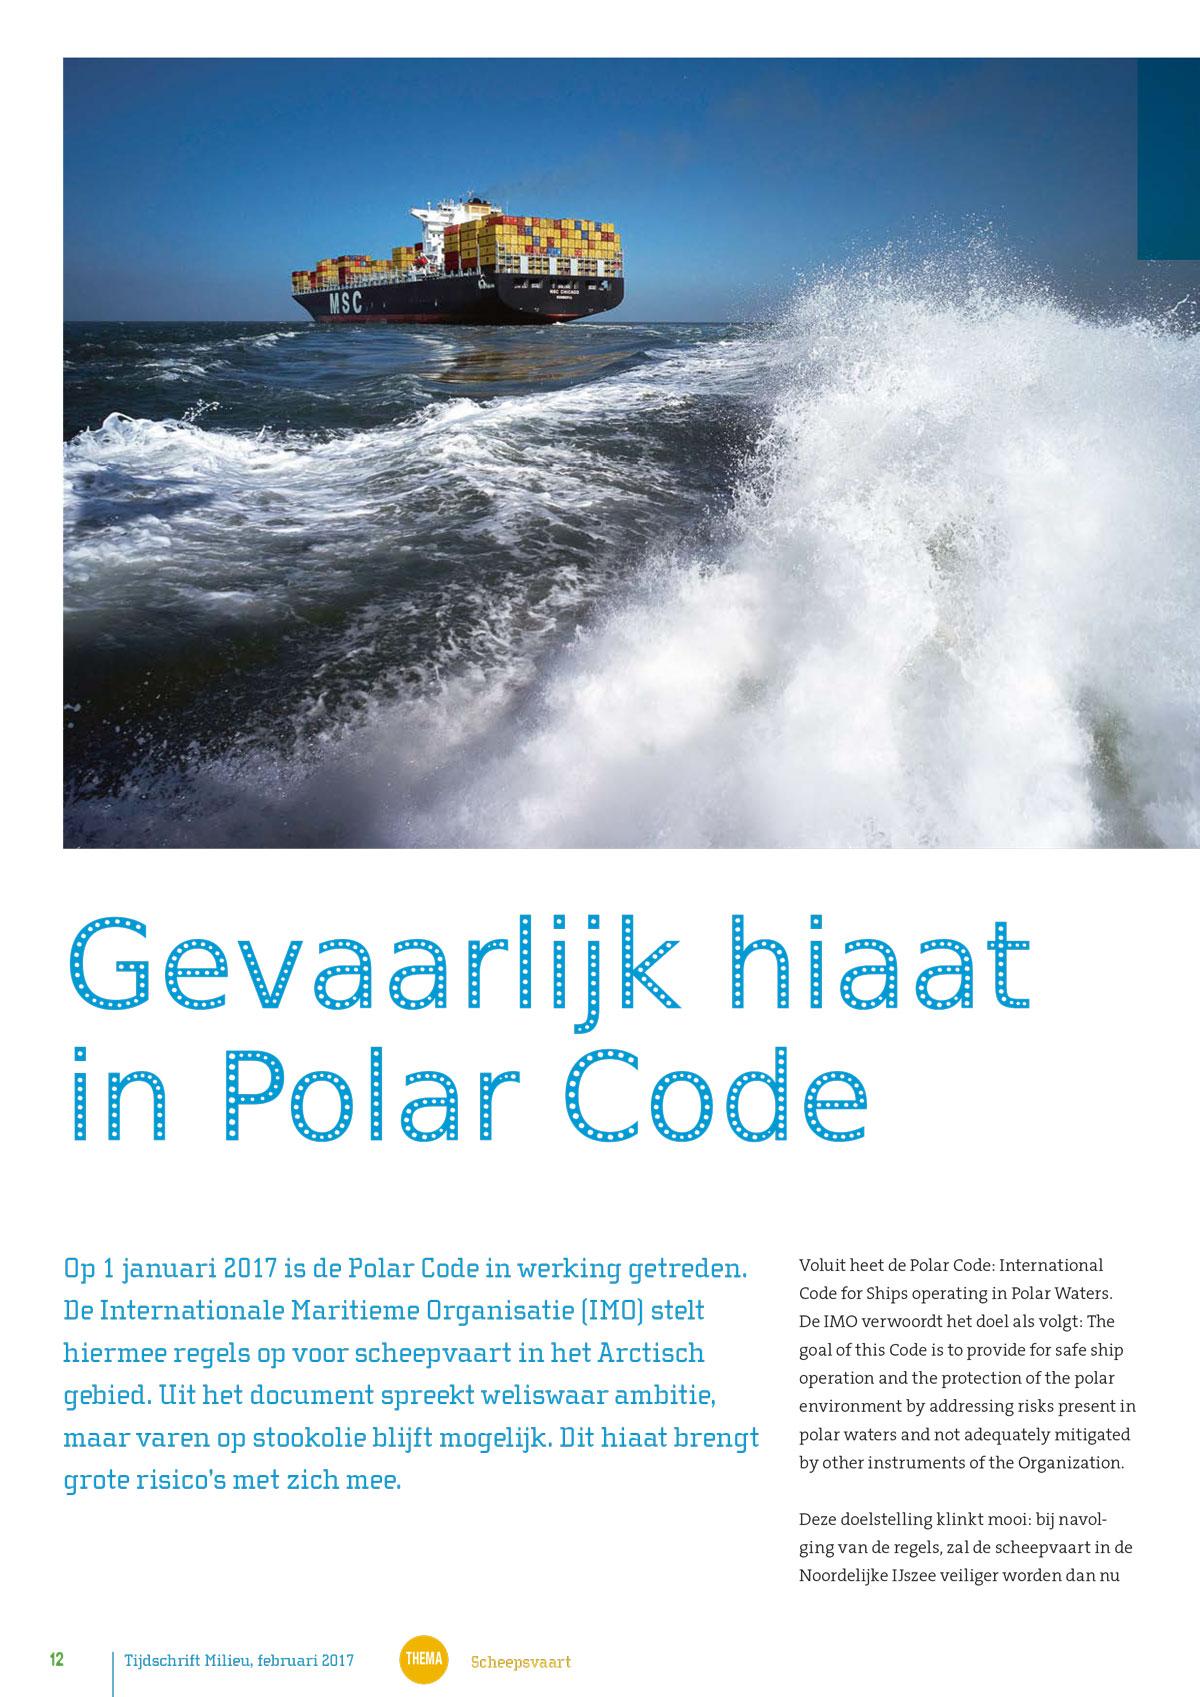 Tijdschrift-Milieu-2017-02-01-Polar-code-1